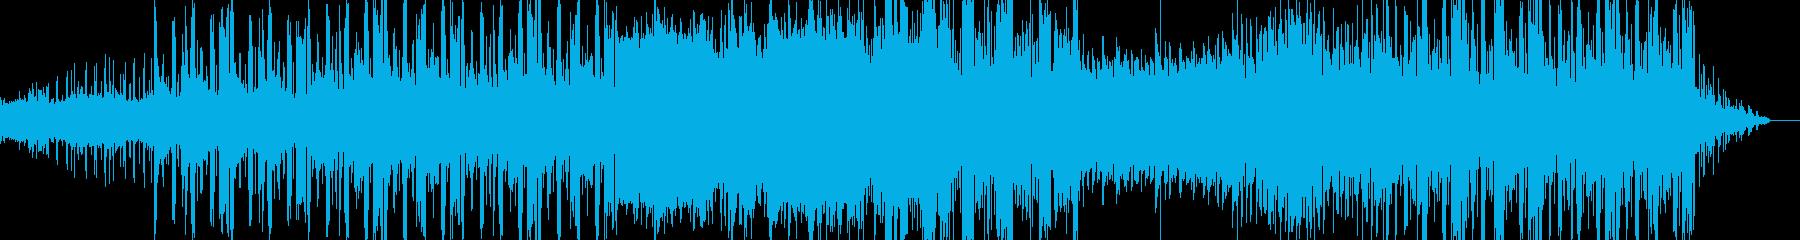 シンプルインスト、リラックスー冬の海の再生済みの波形